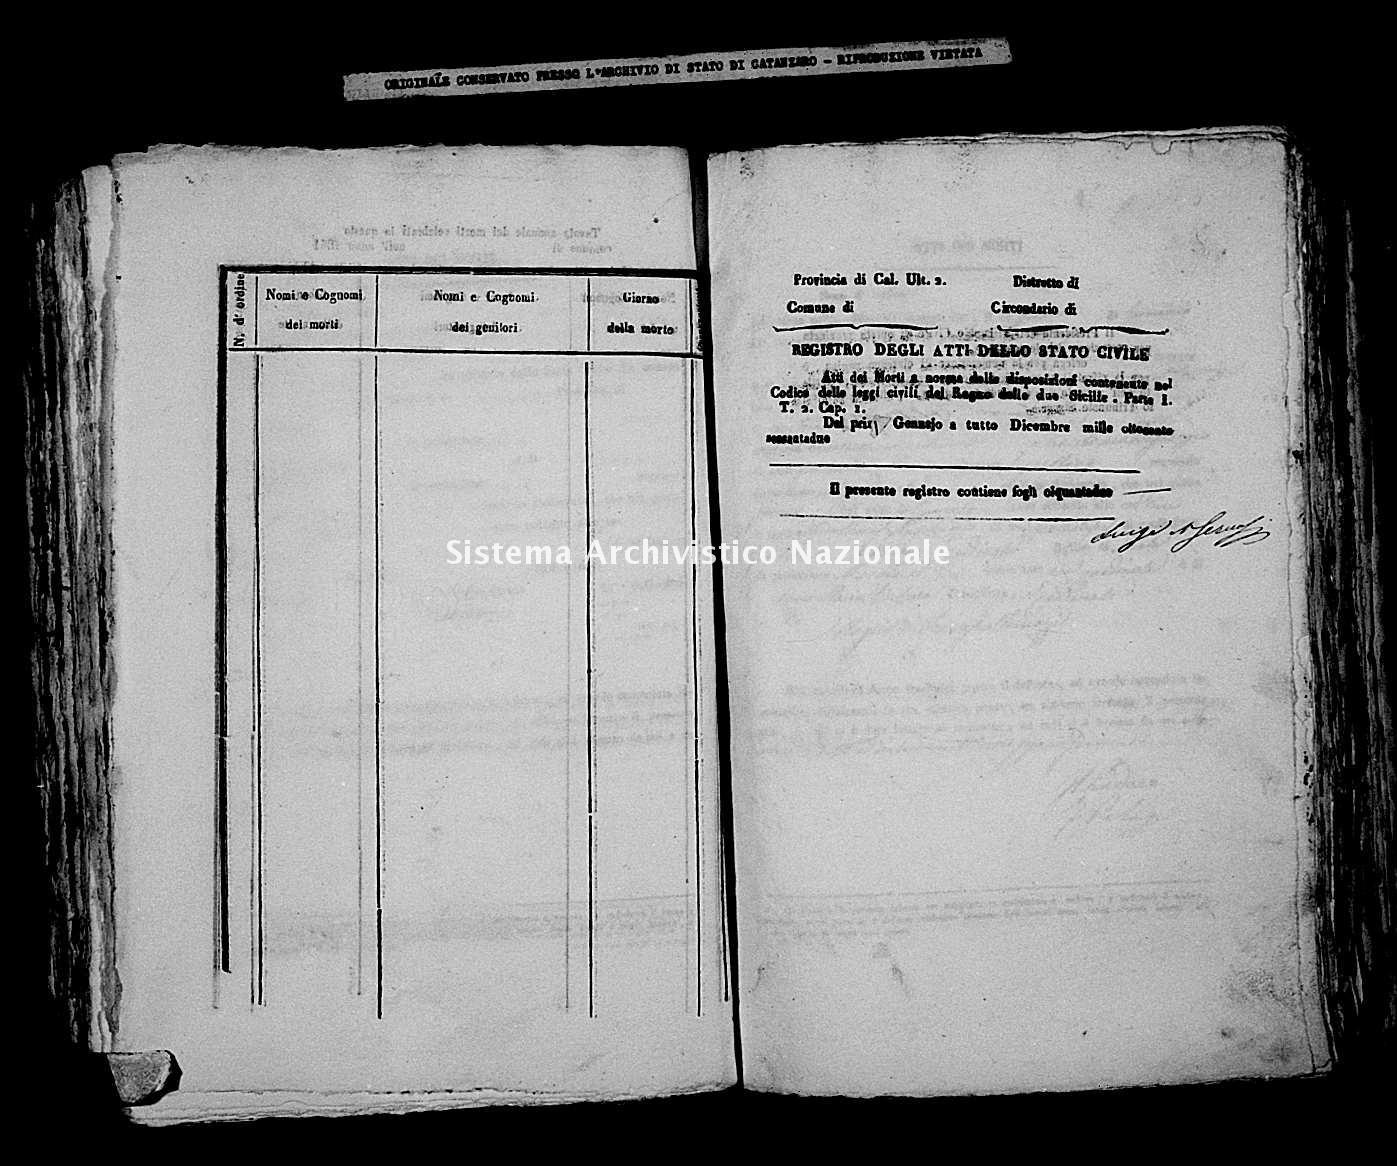 Archivio di stato di Catanzaro - Stato civile italiano - Cardinale - Morti - 1862 -